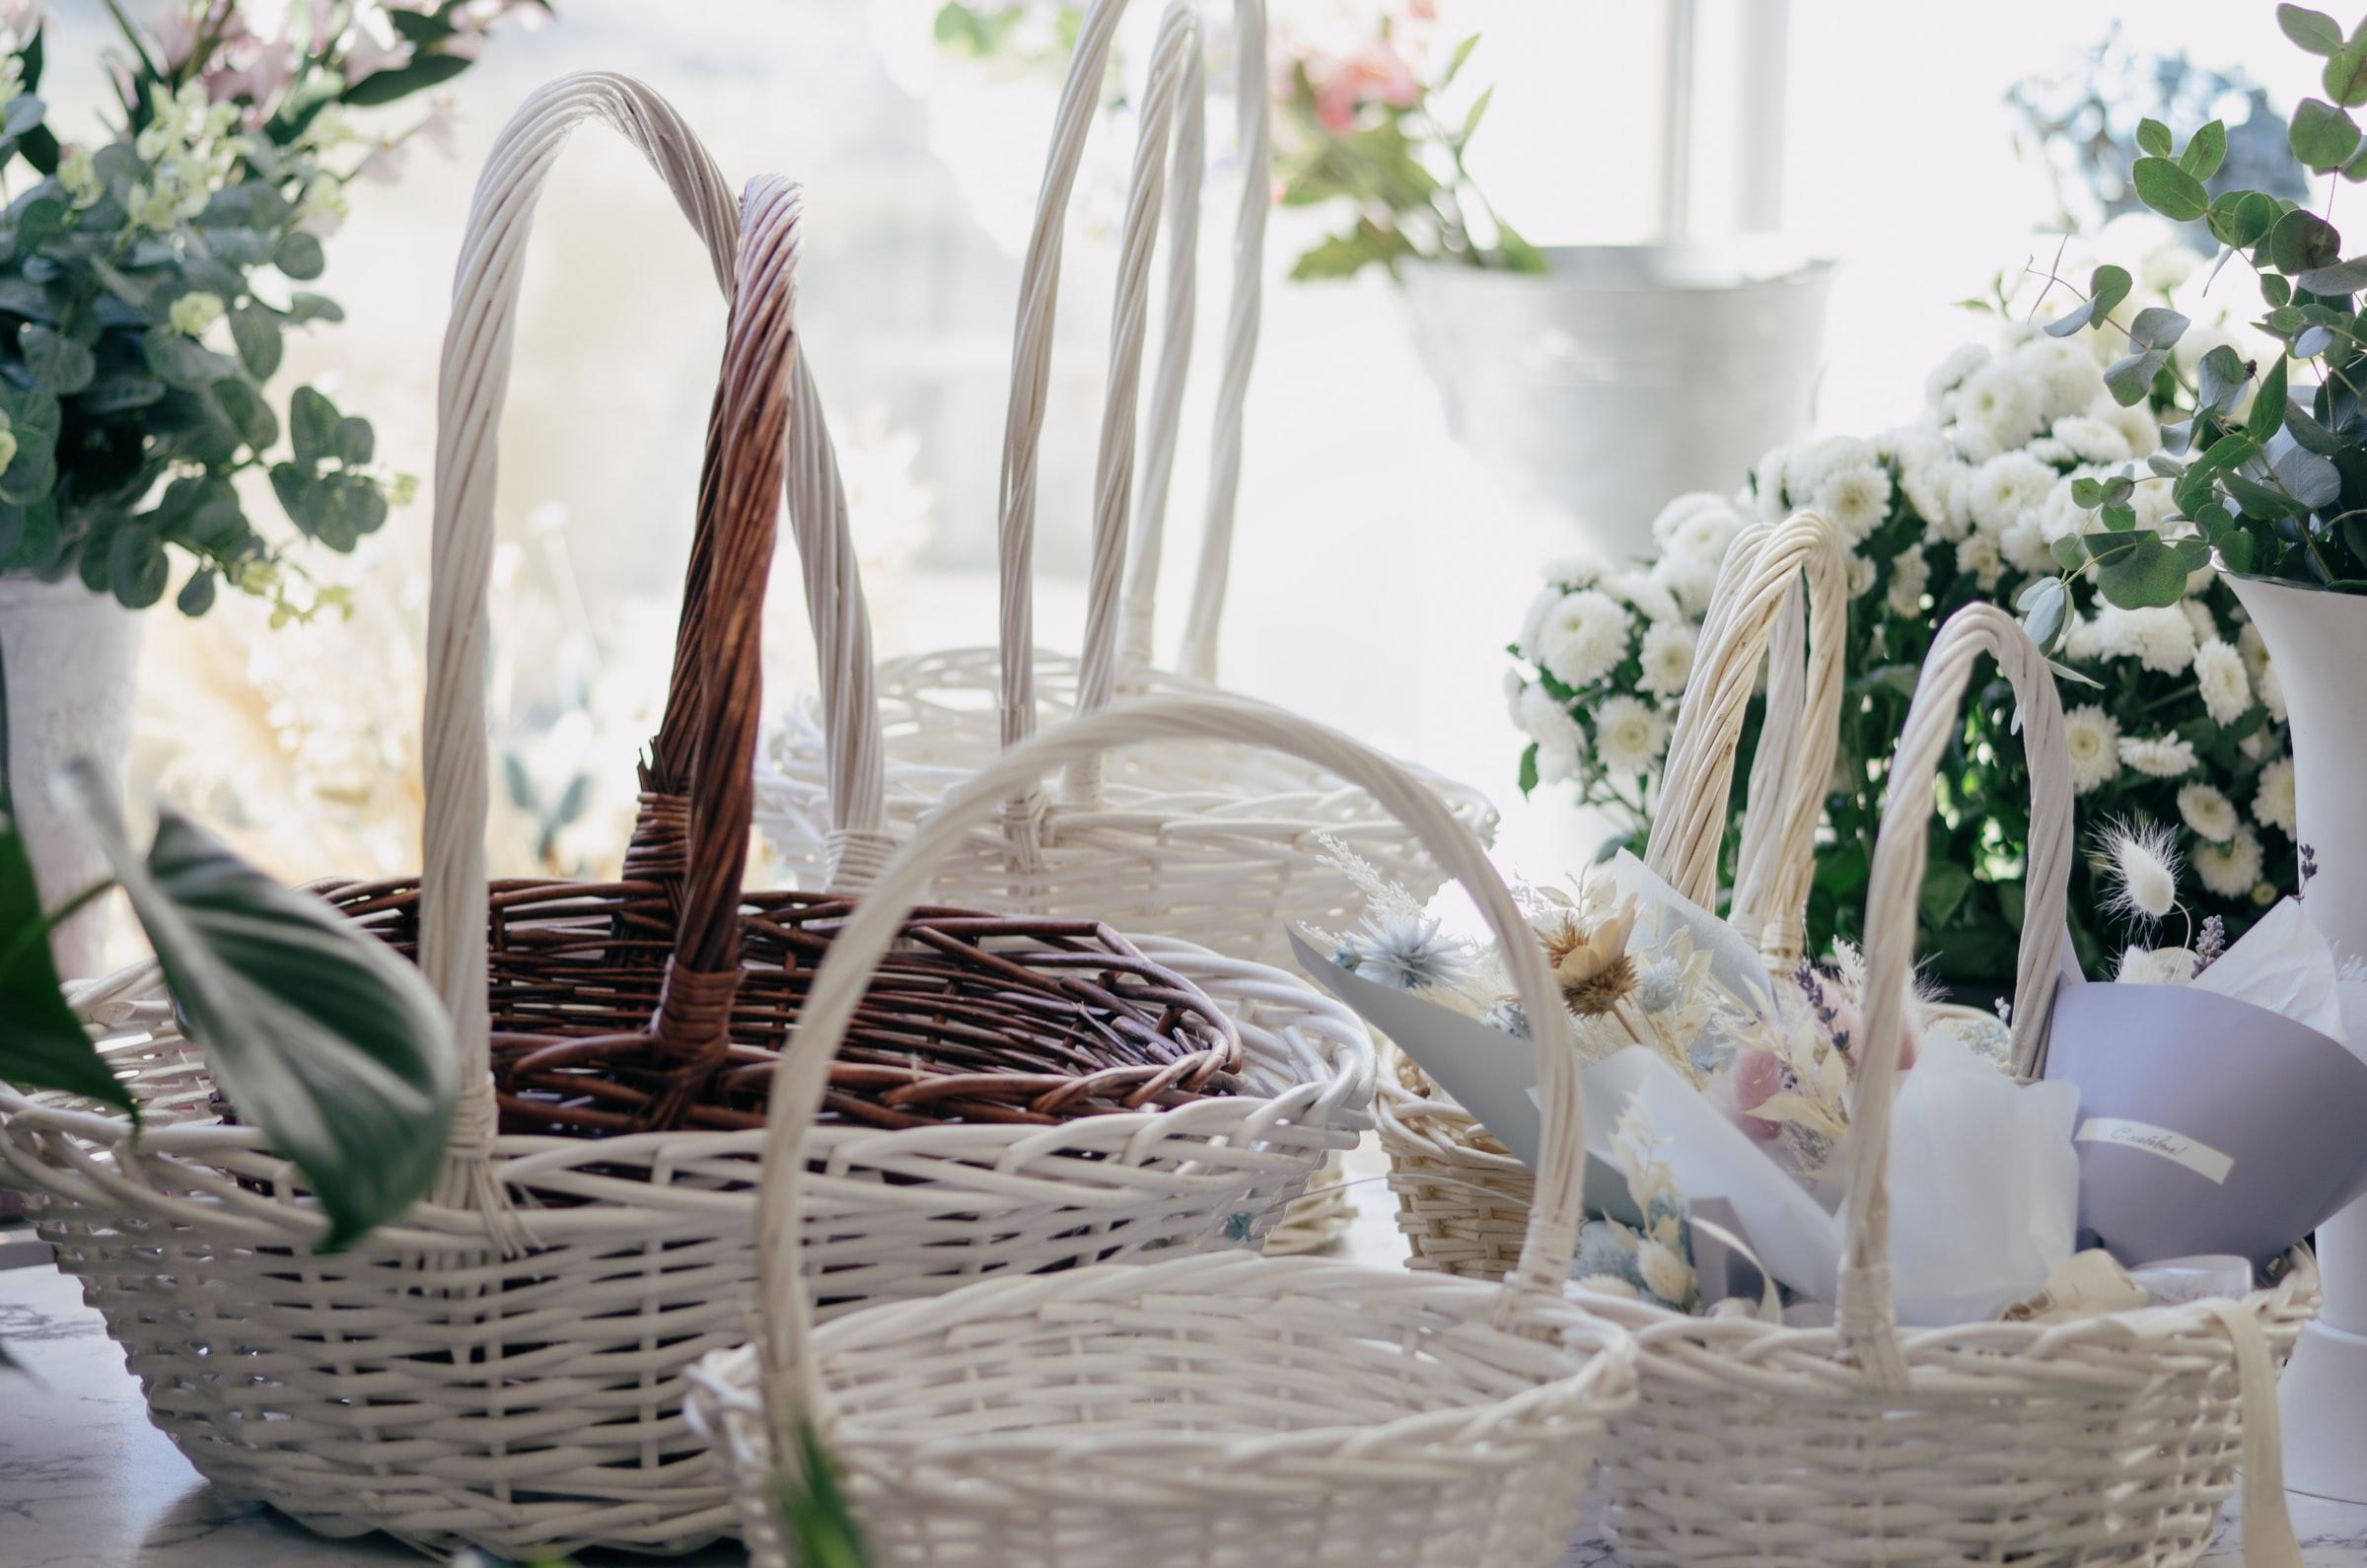 wicker-easter-baskets